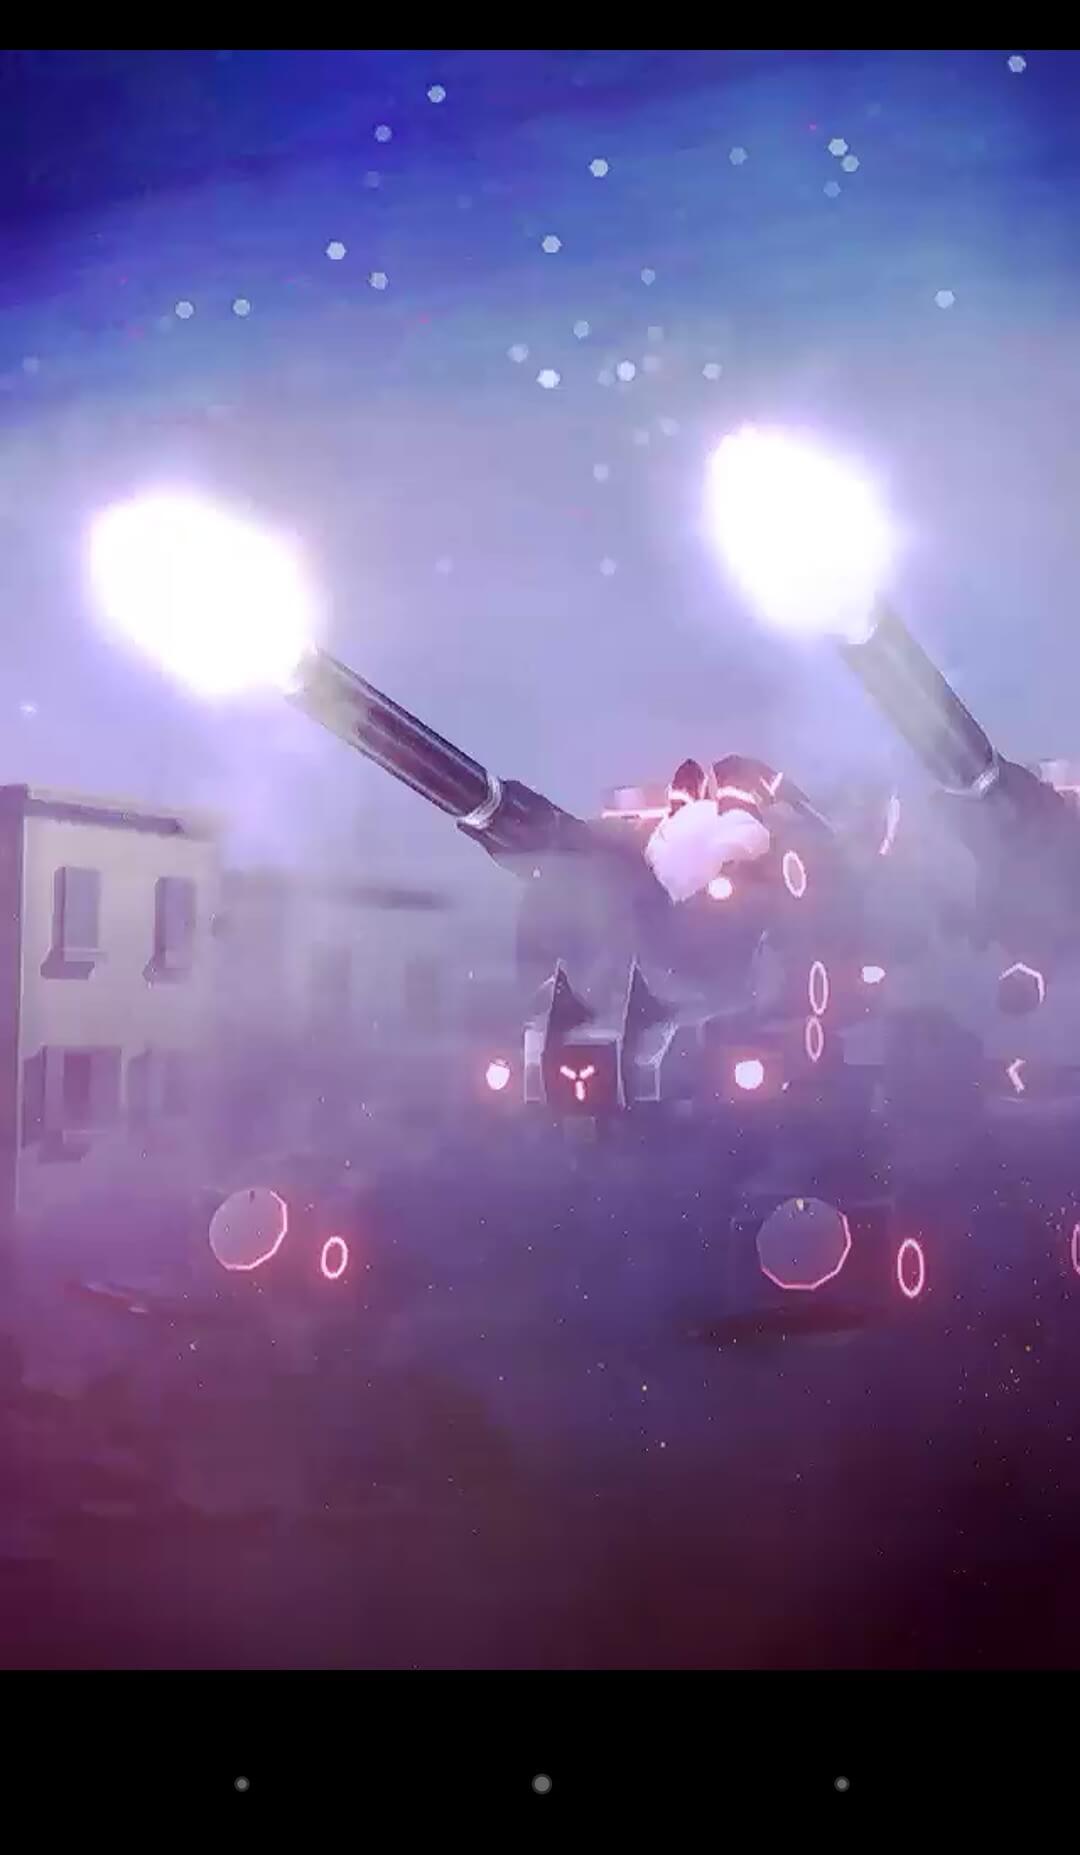 秘密兵器「アーク」が火を吹いている画像です